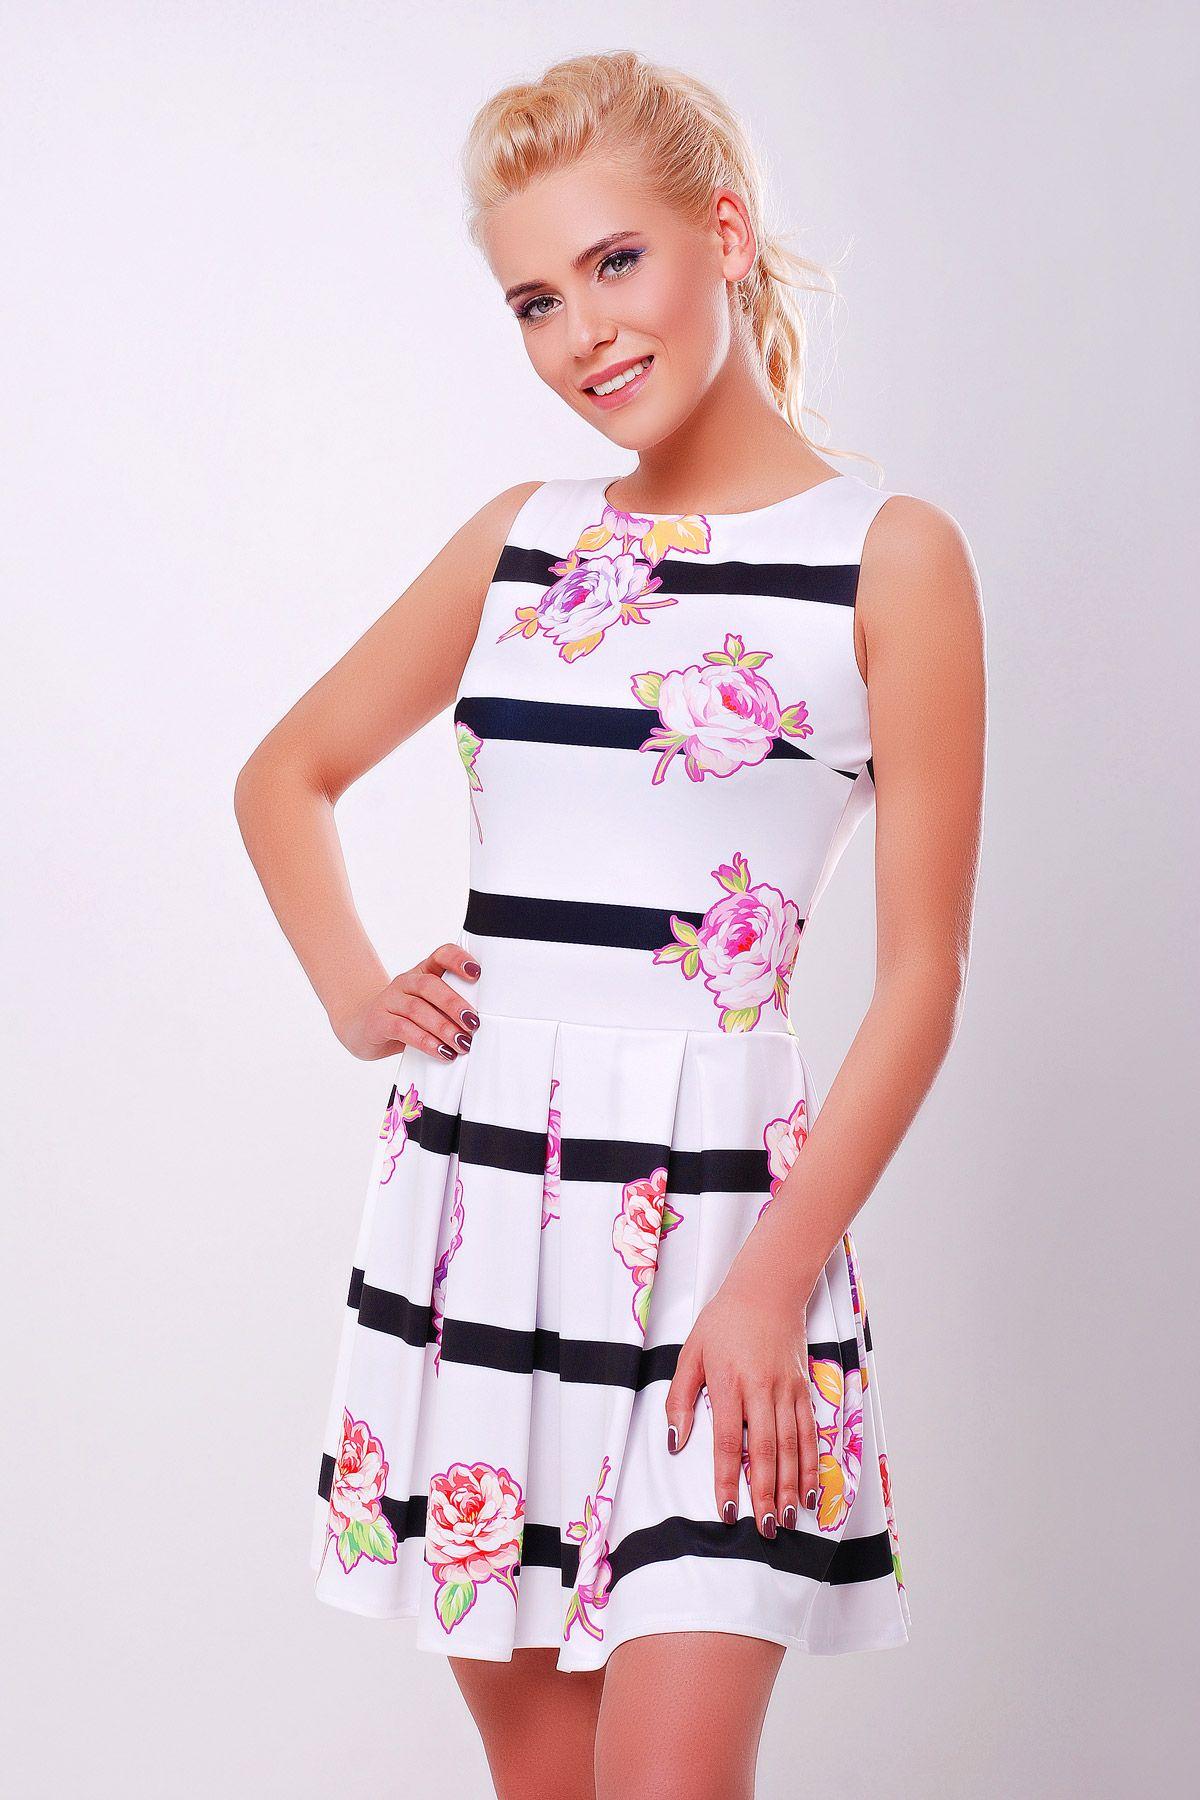 7a4c705d5937 Белое летнее платье без рукавов в горизонтальную черную полоску с цветами  на принте. Цветы-полоска платье Мия-1 б р. Цвет  принт